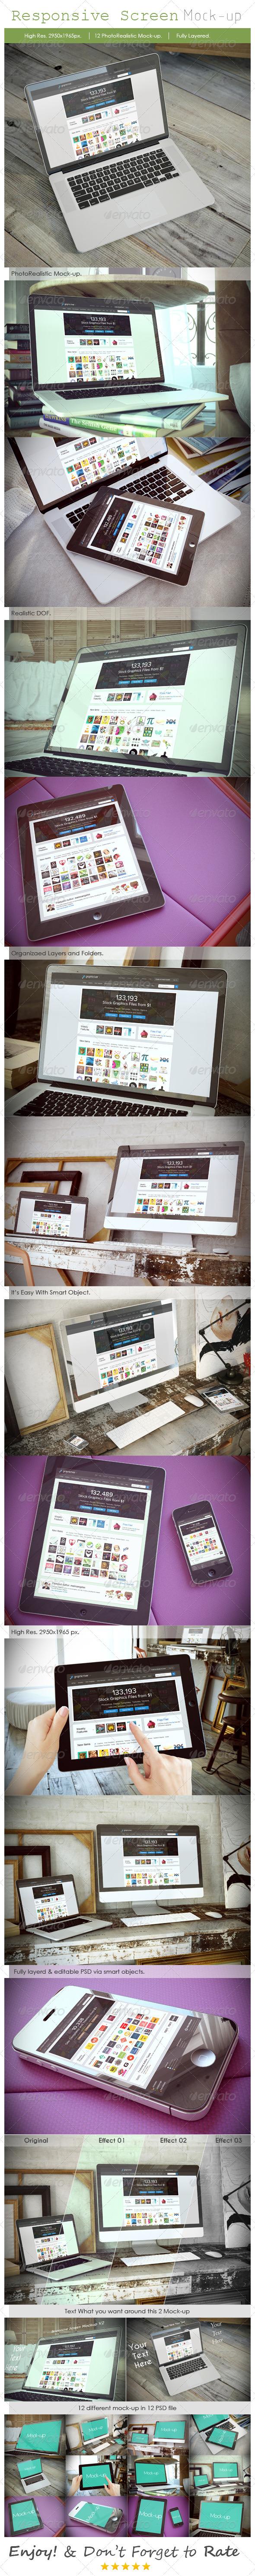 GraphicRiver Responsive Device Mockup V2 7510994